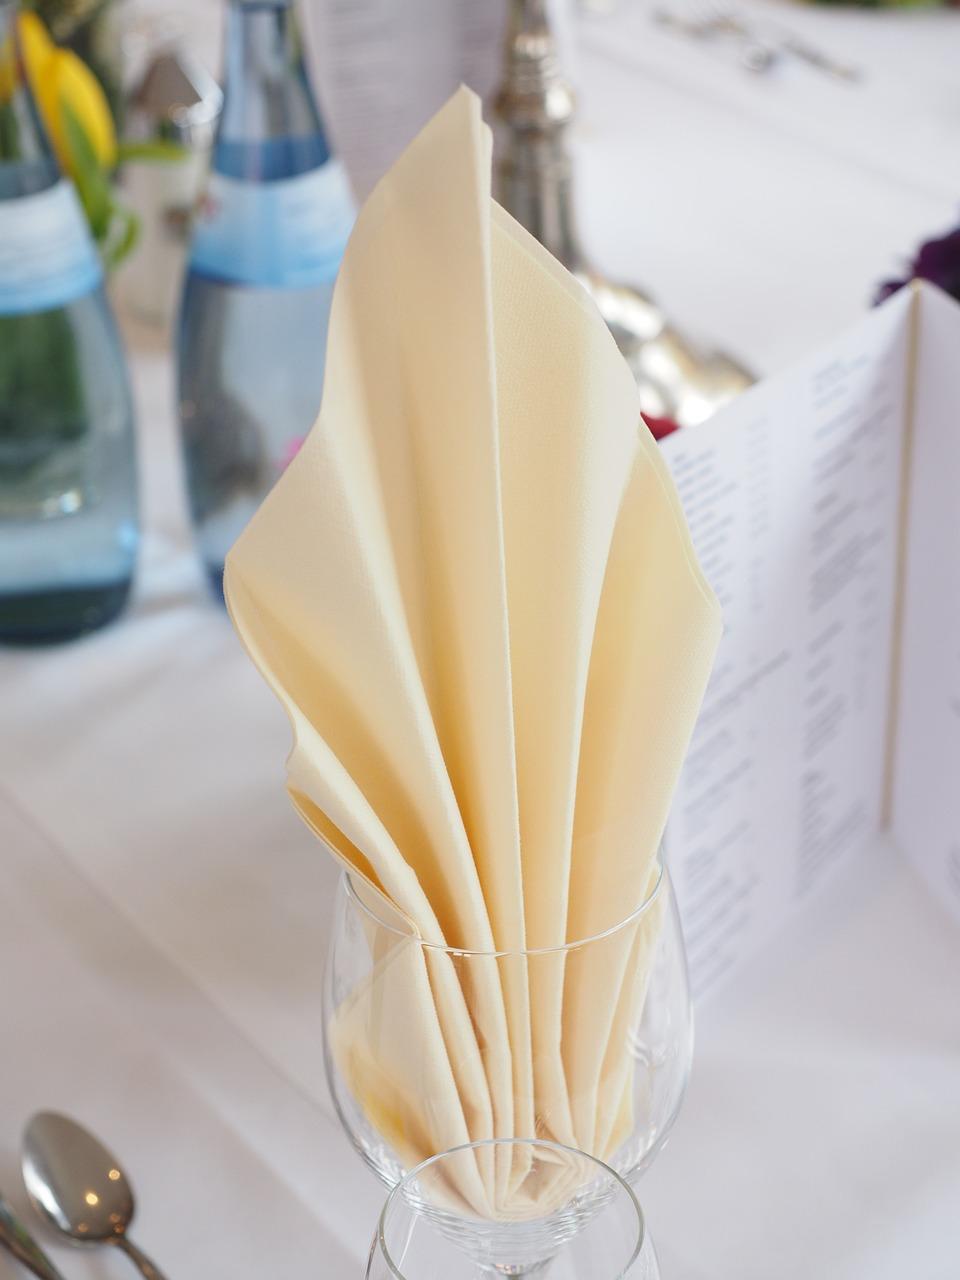 Pliage Serviette Facile Range Couverts comment plier les serviettes de table?